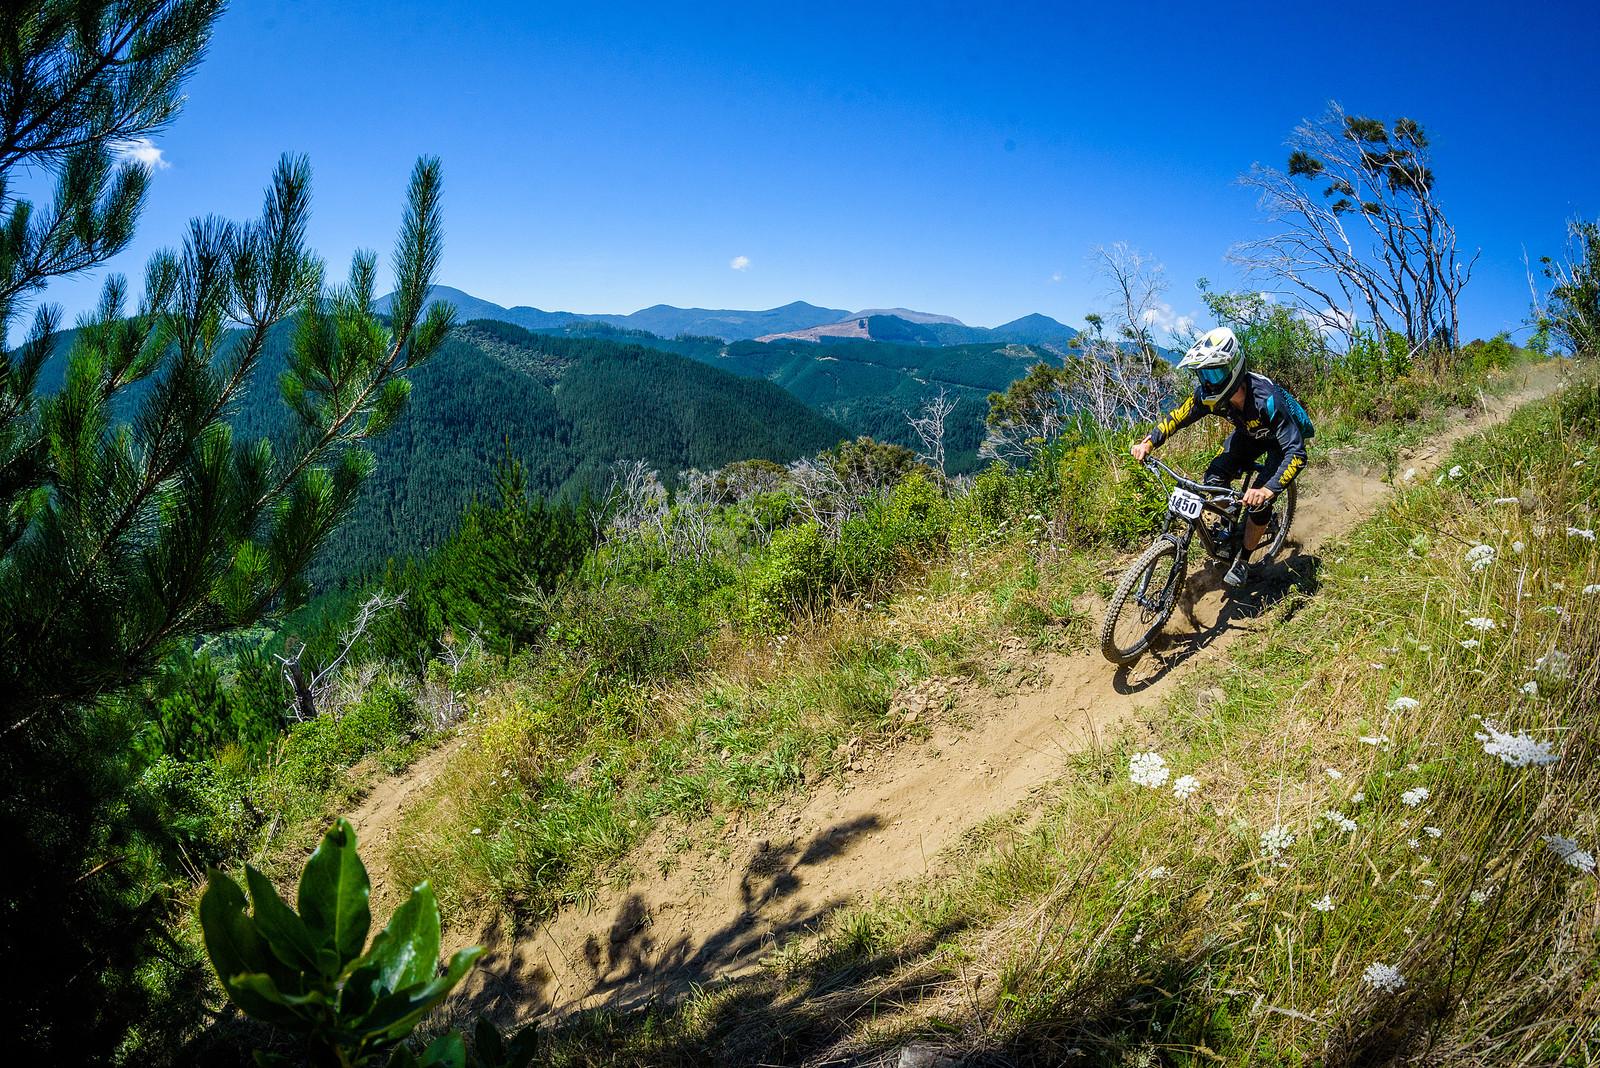 Nelson Mountain Bike Club's Top Gun - Enduro, DH and XC Event - 2018 Nelson MTB Club Top Gun Event - Mountain Biking Pictures - Vital MTB